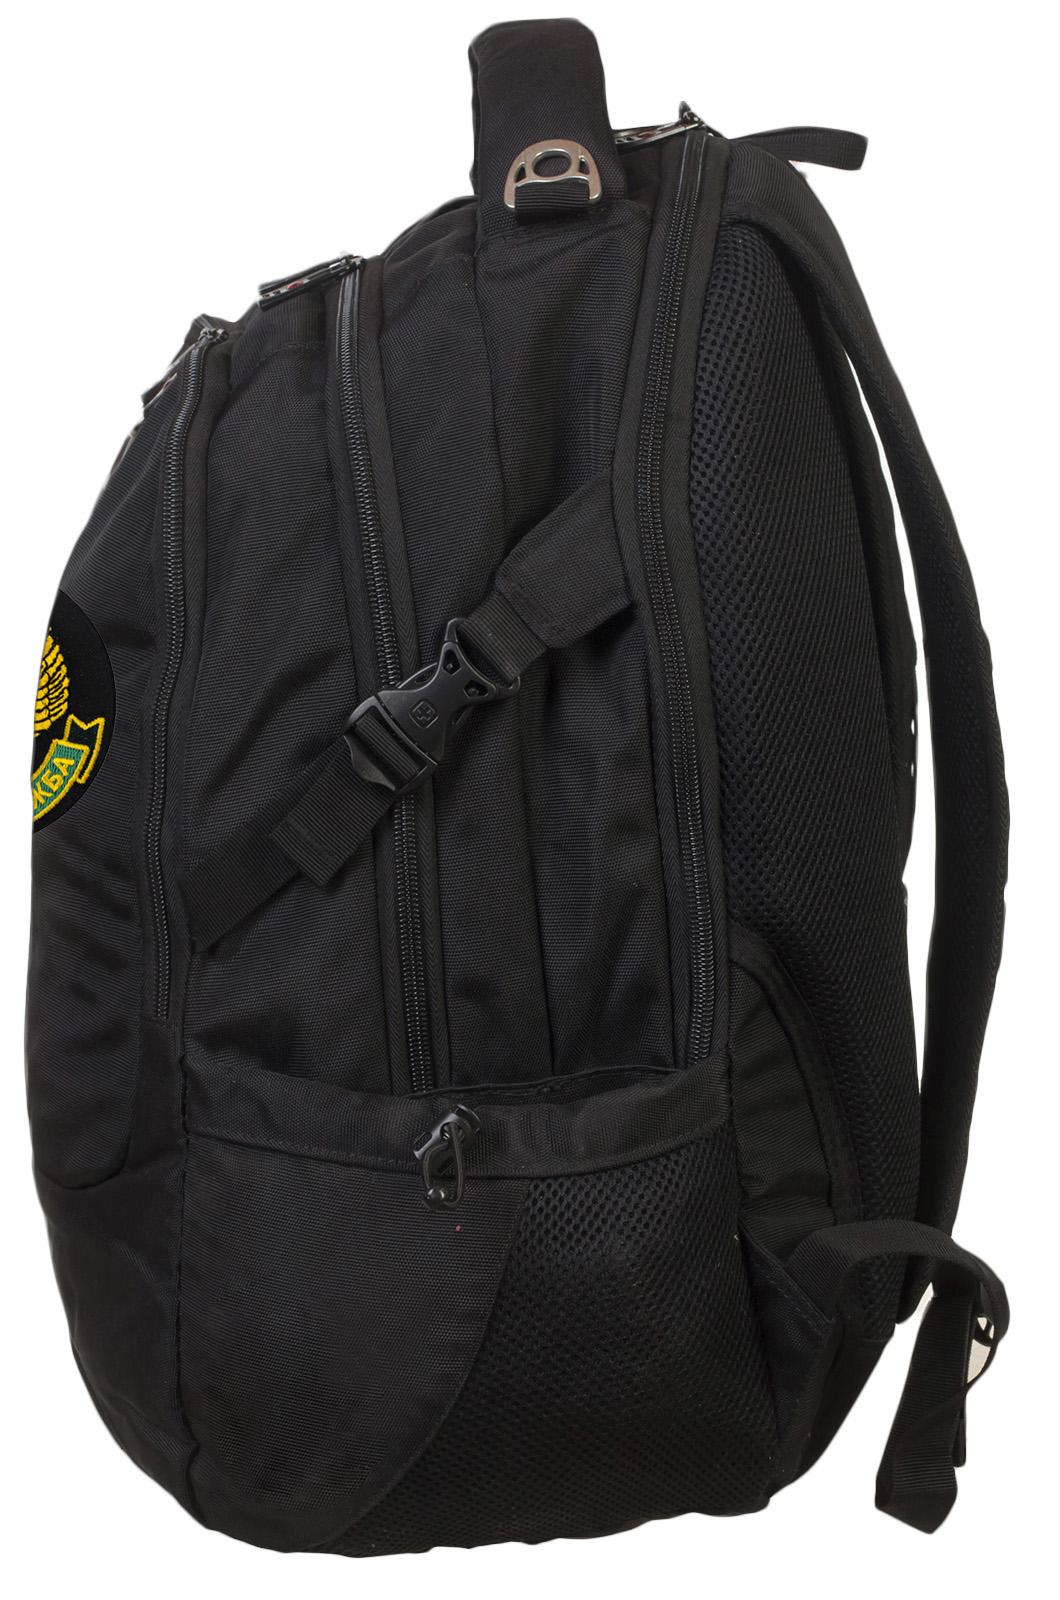 Эргономичный черный рюкзак с нашивкой Погранслужба - купить в подарок